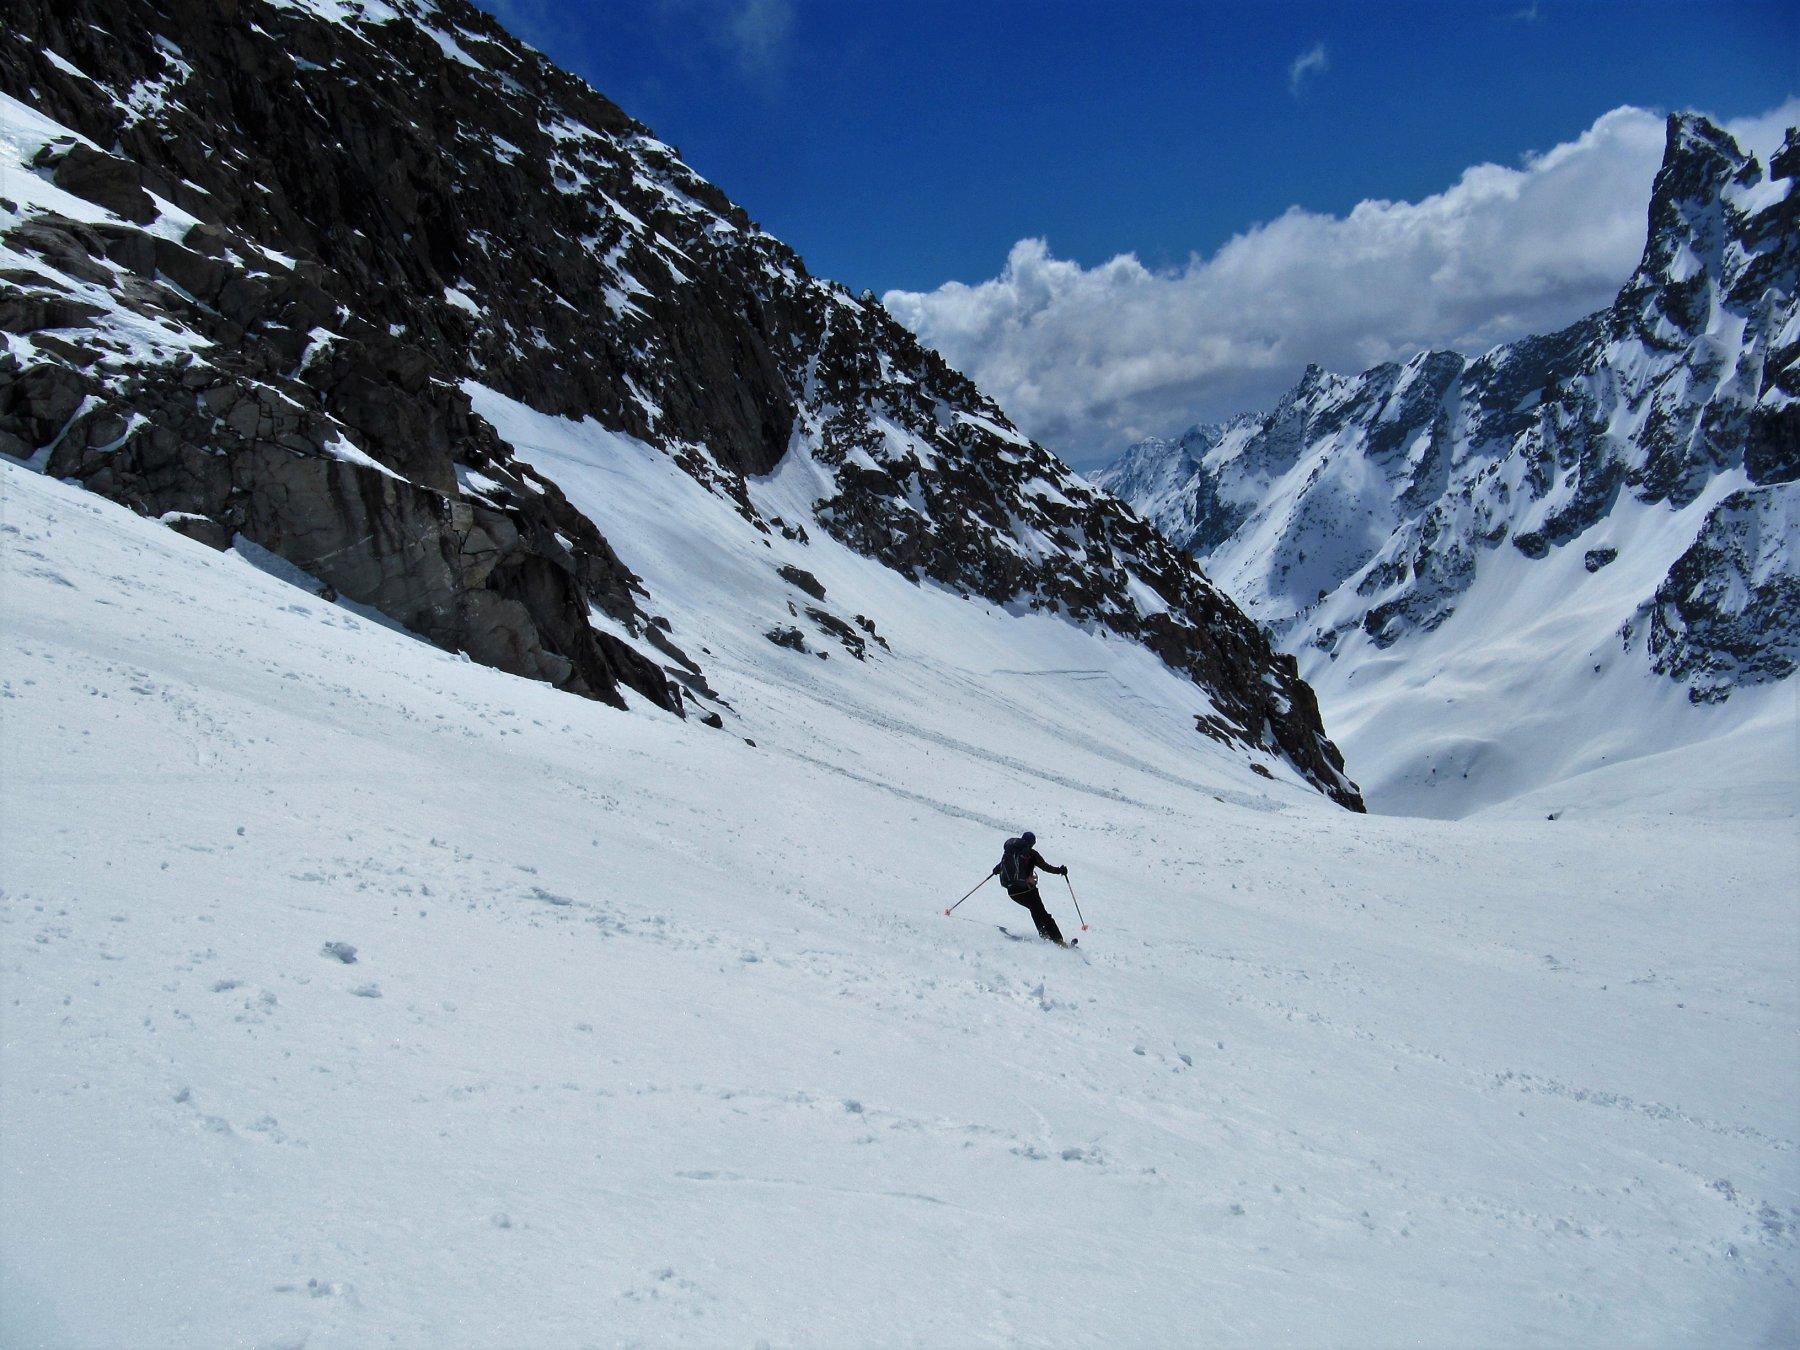 Discesa sul ghiacciaio sotto lo sguardo del Becco